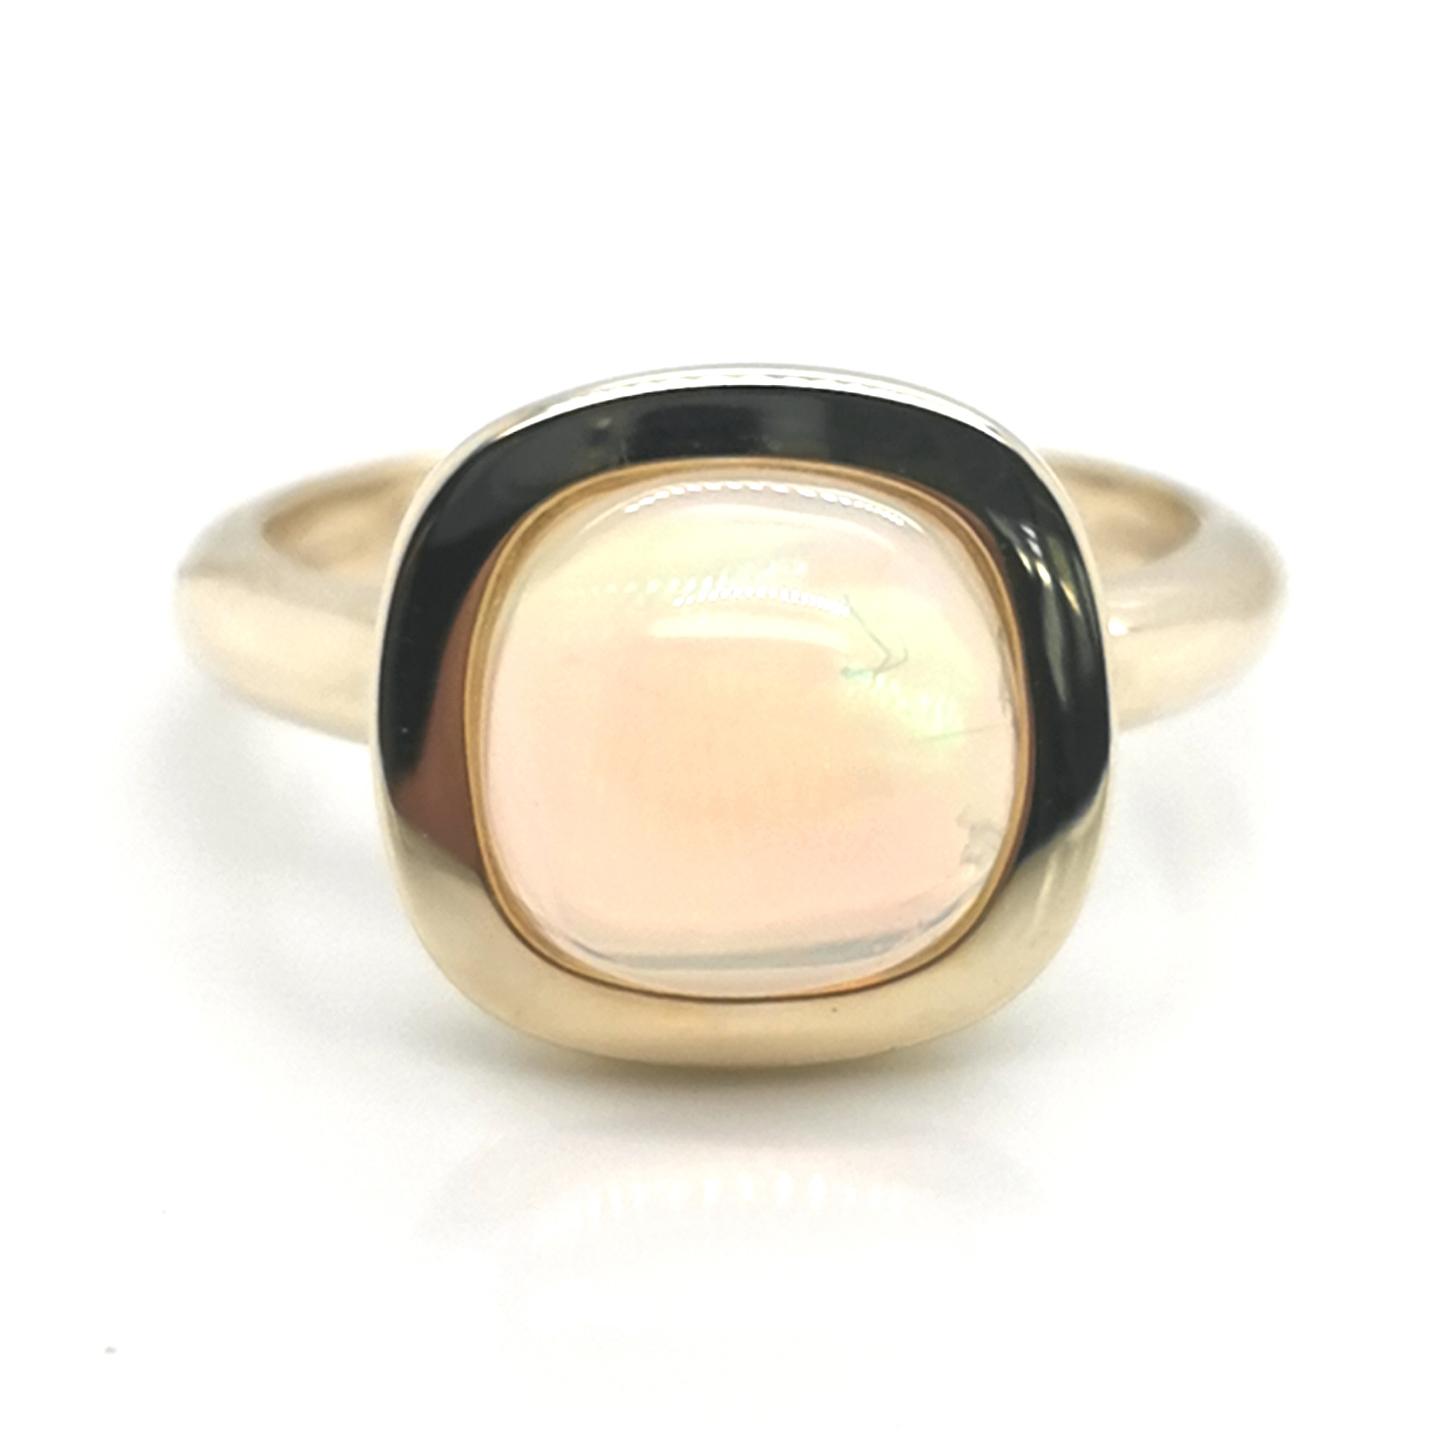 Ring mit Kristallopal, Stumpfeck / antik, ca. 10 x 10mm, ca. 2,9 ct Edelstein, aus 375 Gelbgold, Terra Opalis